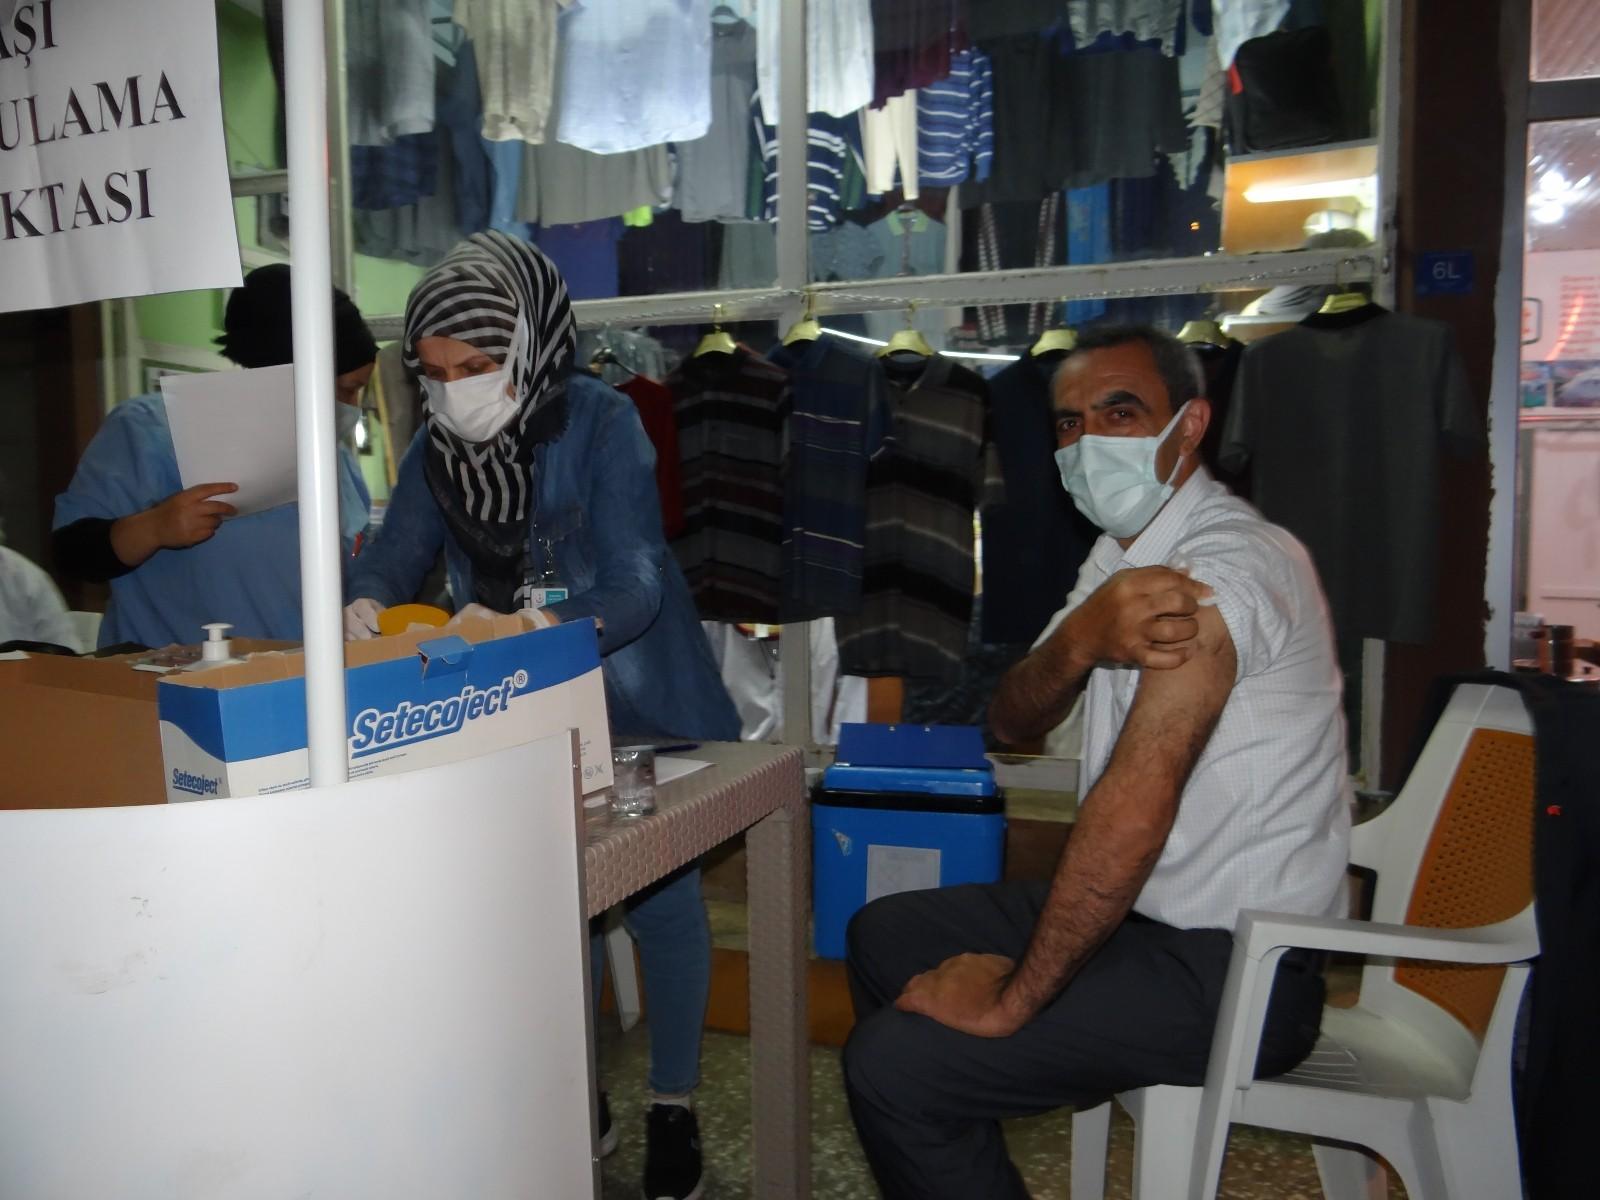 Çarşı merkezinde kurulan mobil aşı istasyonunda aşı yoğunluğu